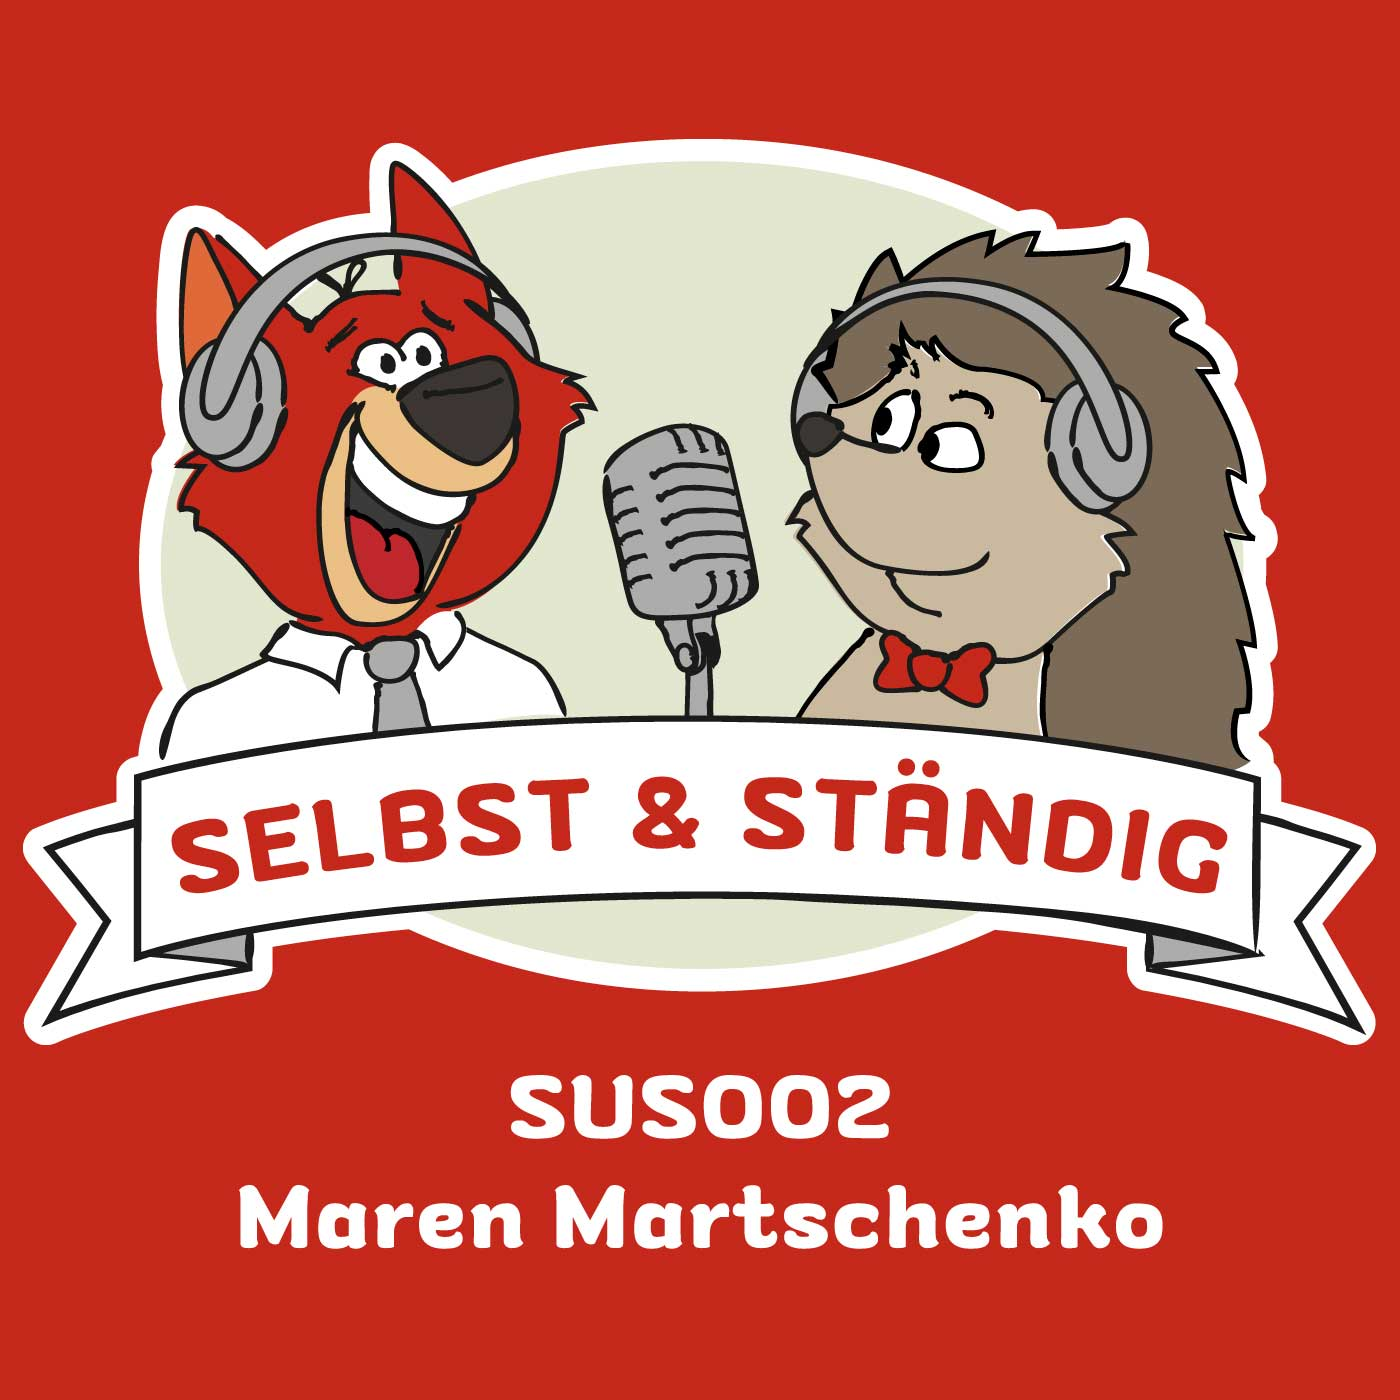 SUS002 Maren Martschenko